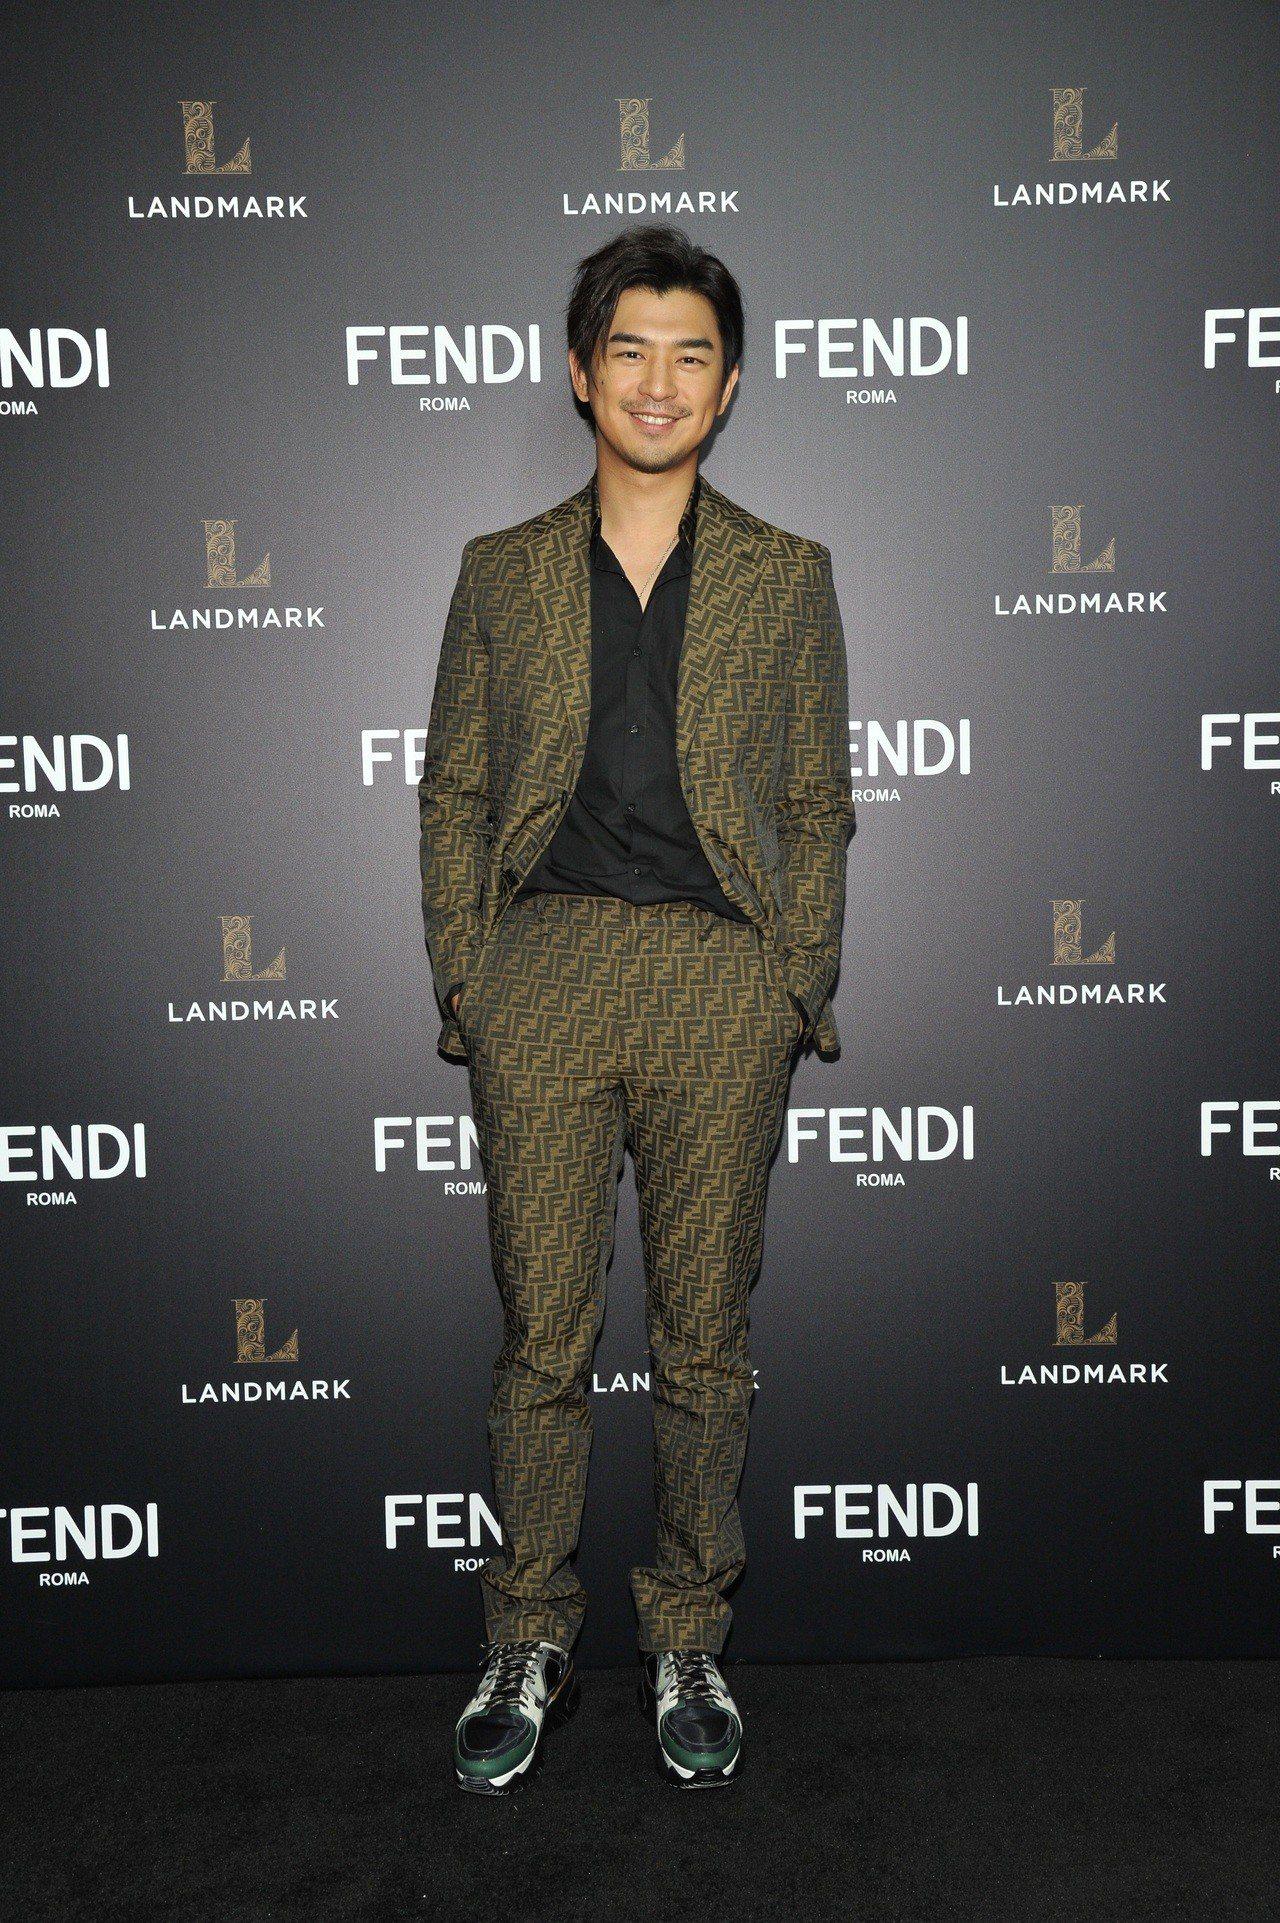 陳柏霖演繹FENDI logo系列的帥氣時髦。圖/FENDI提供